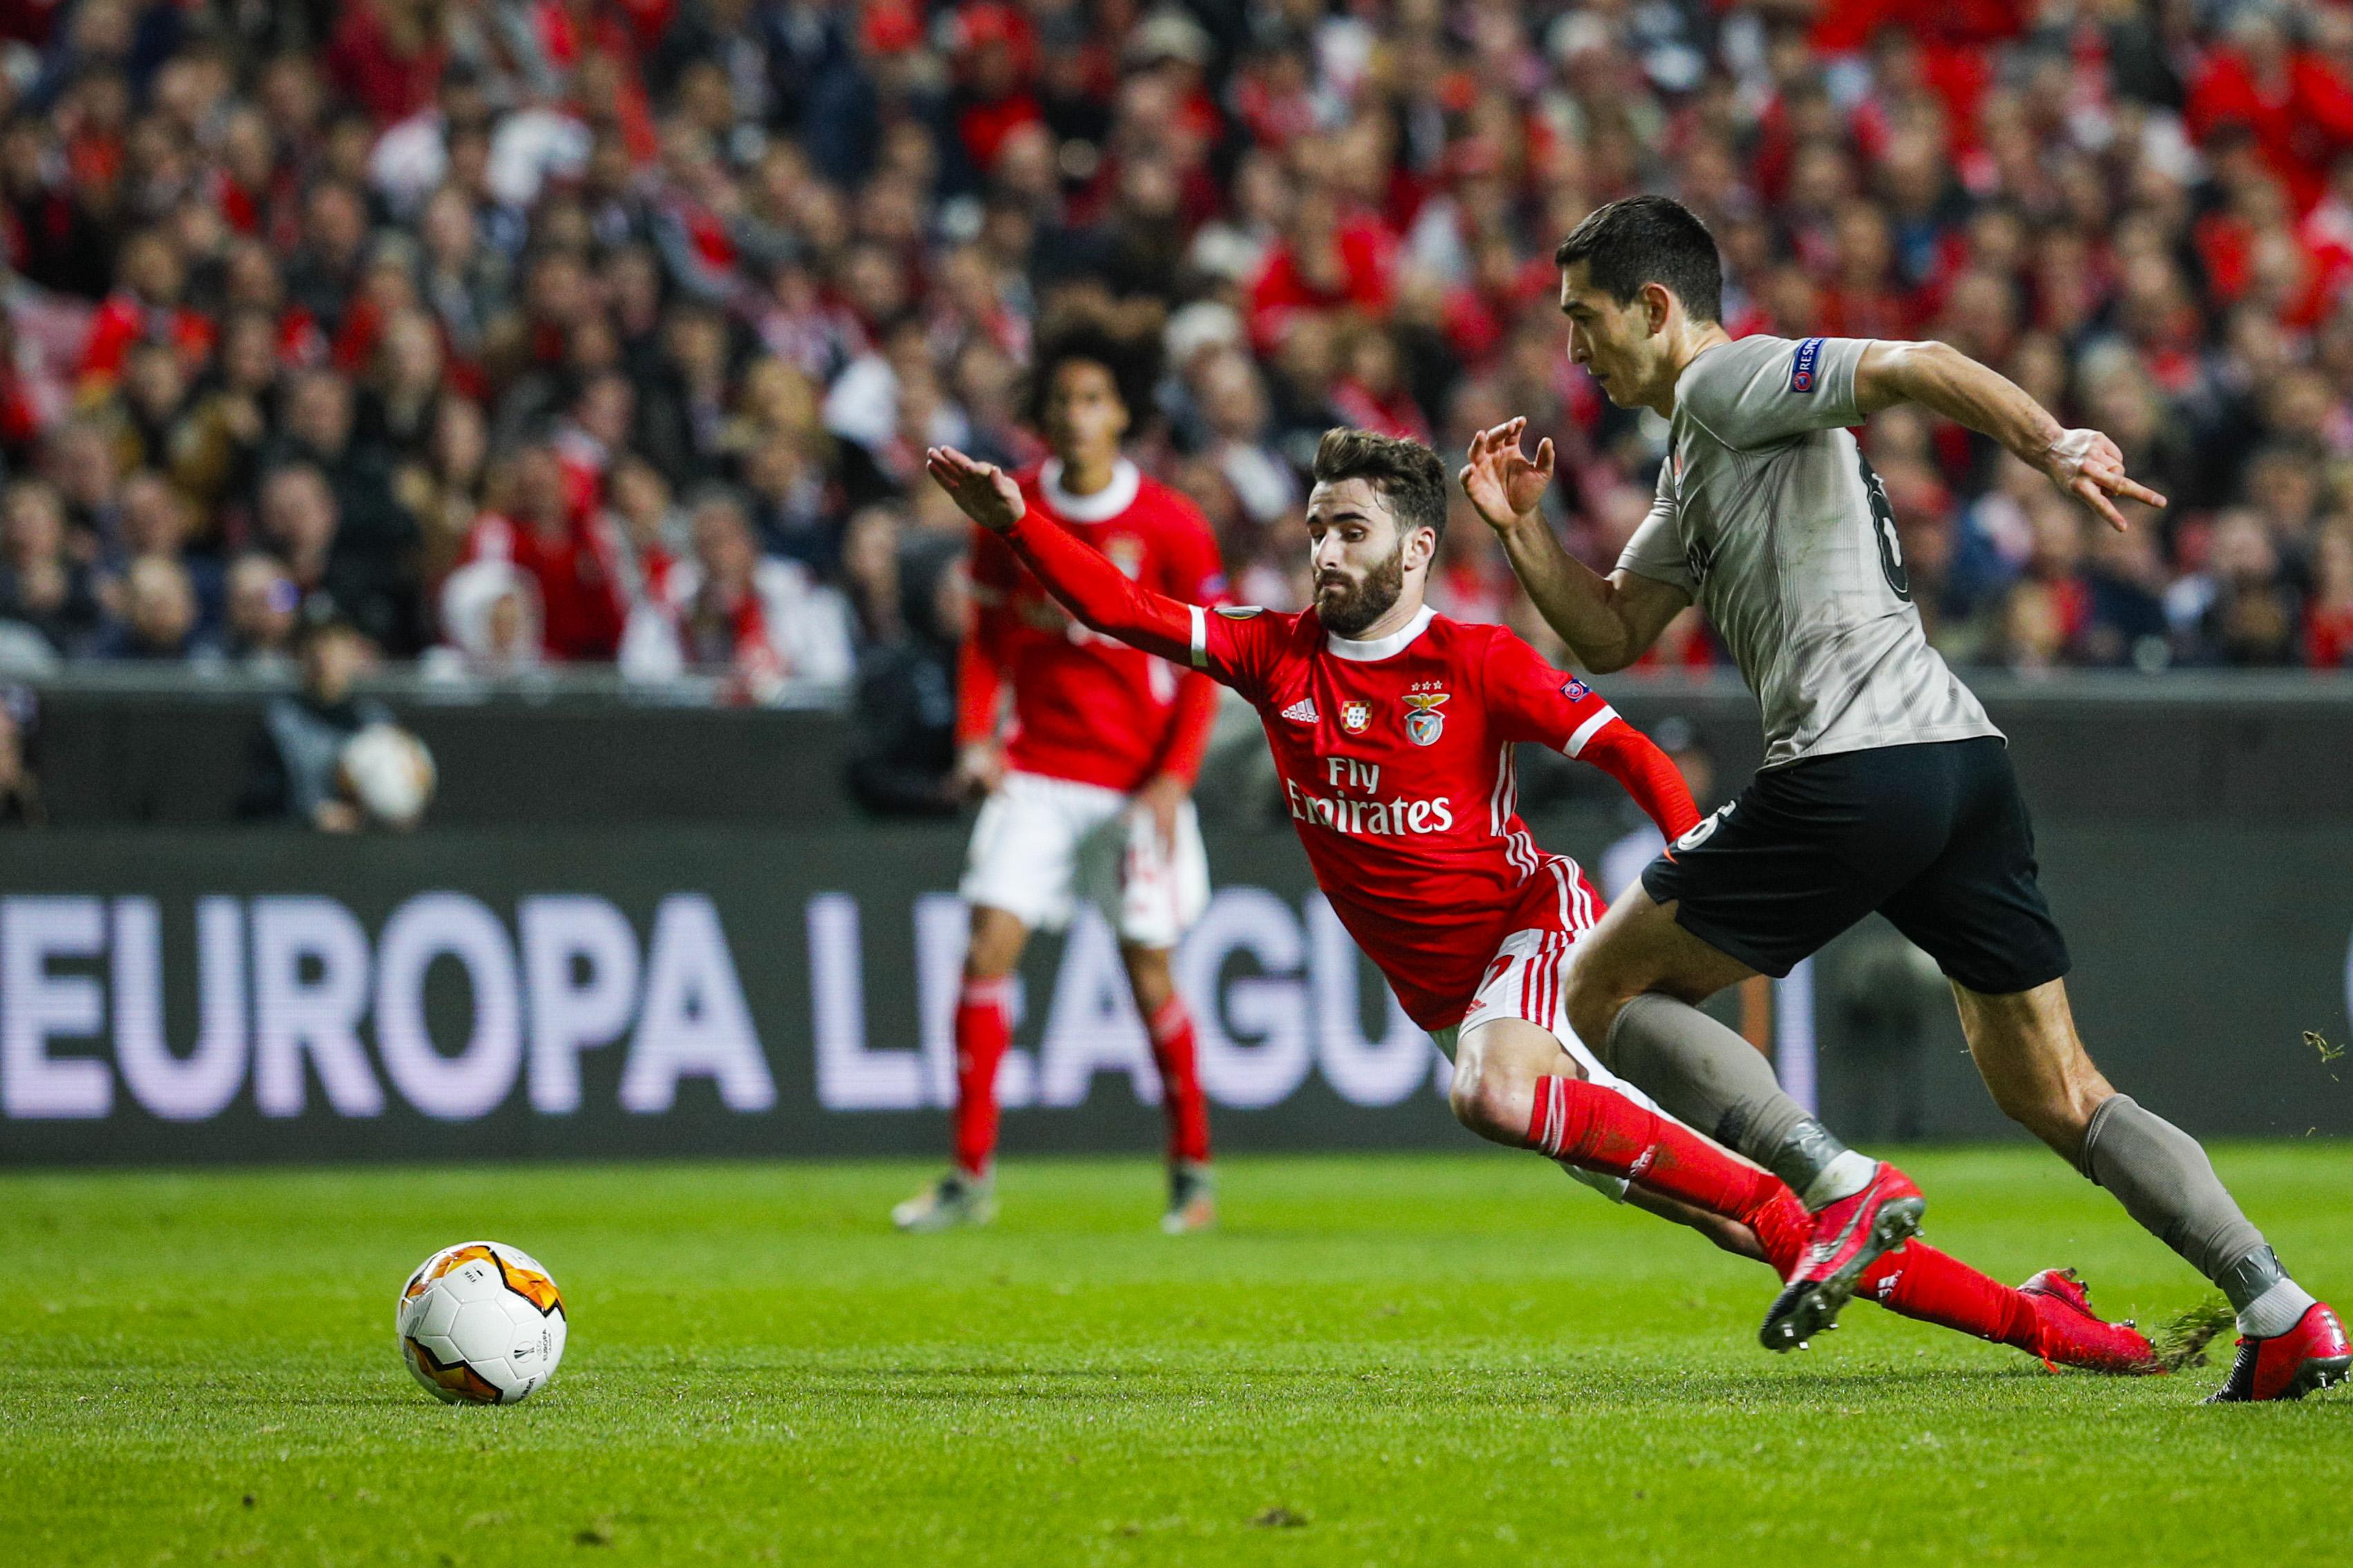 Benfica empata com Shakhtar e está fora da Liga Europa